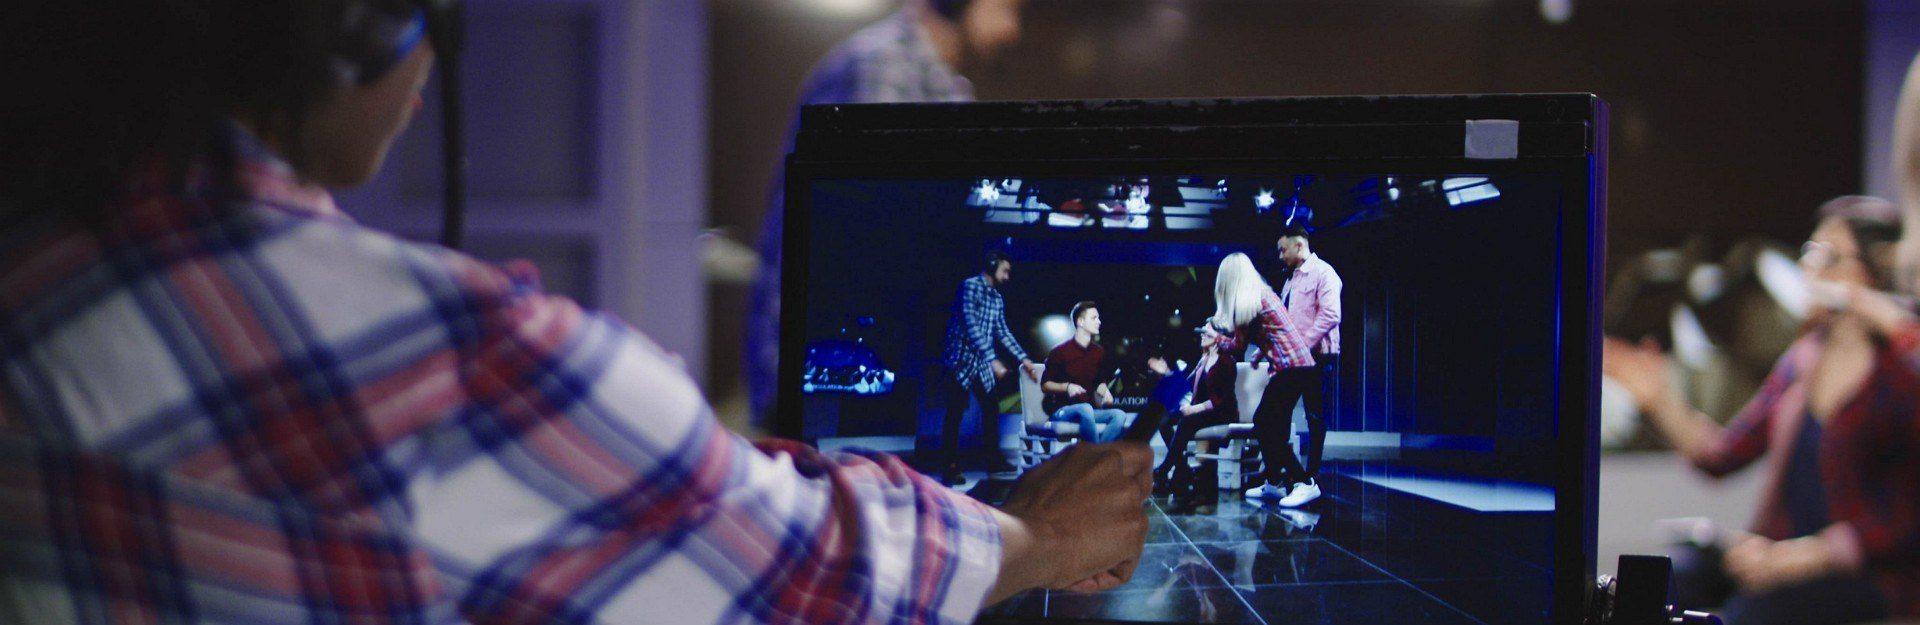 Bachelorstudium Film-, TV- und Medienproduktion an der FH des BFI Wien